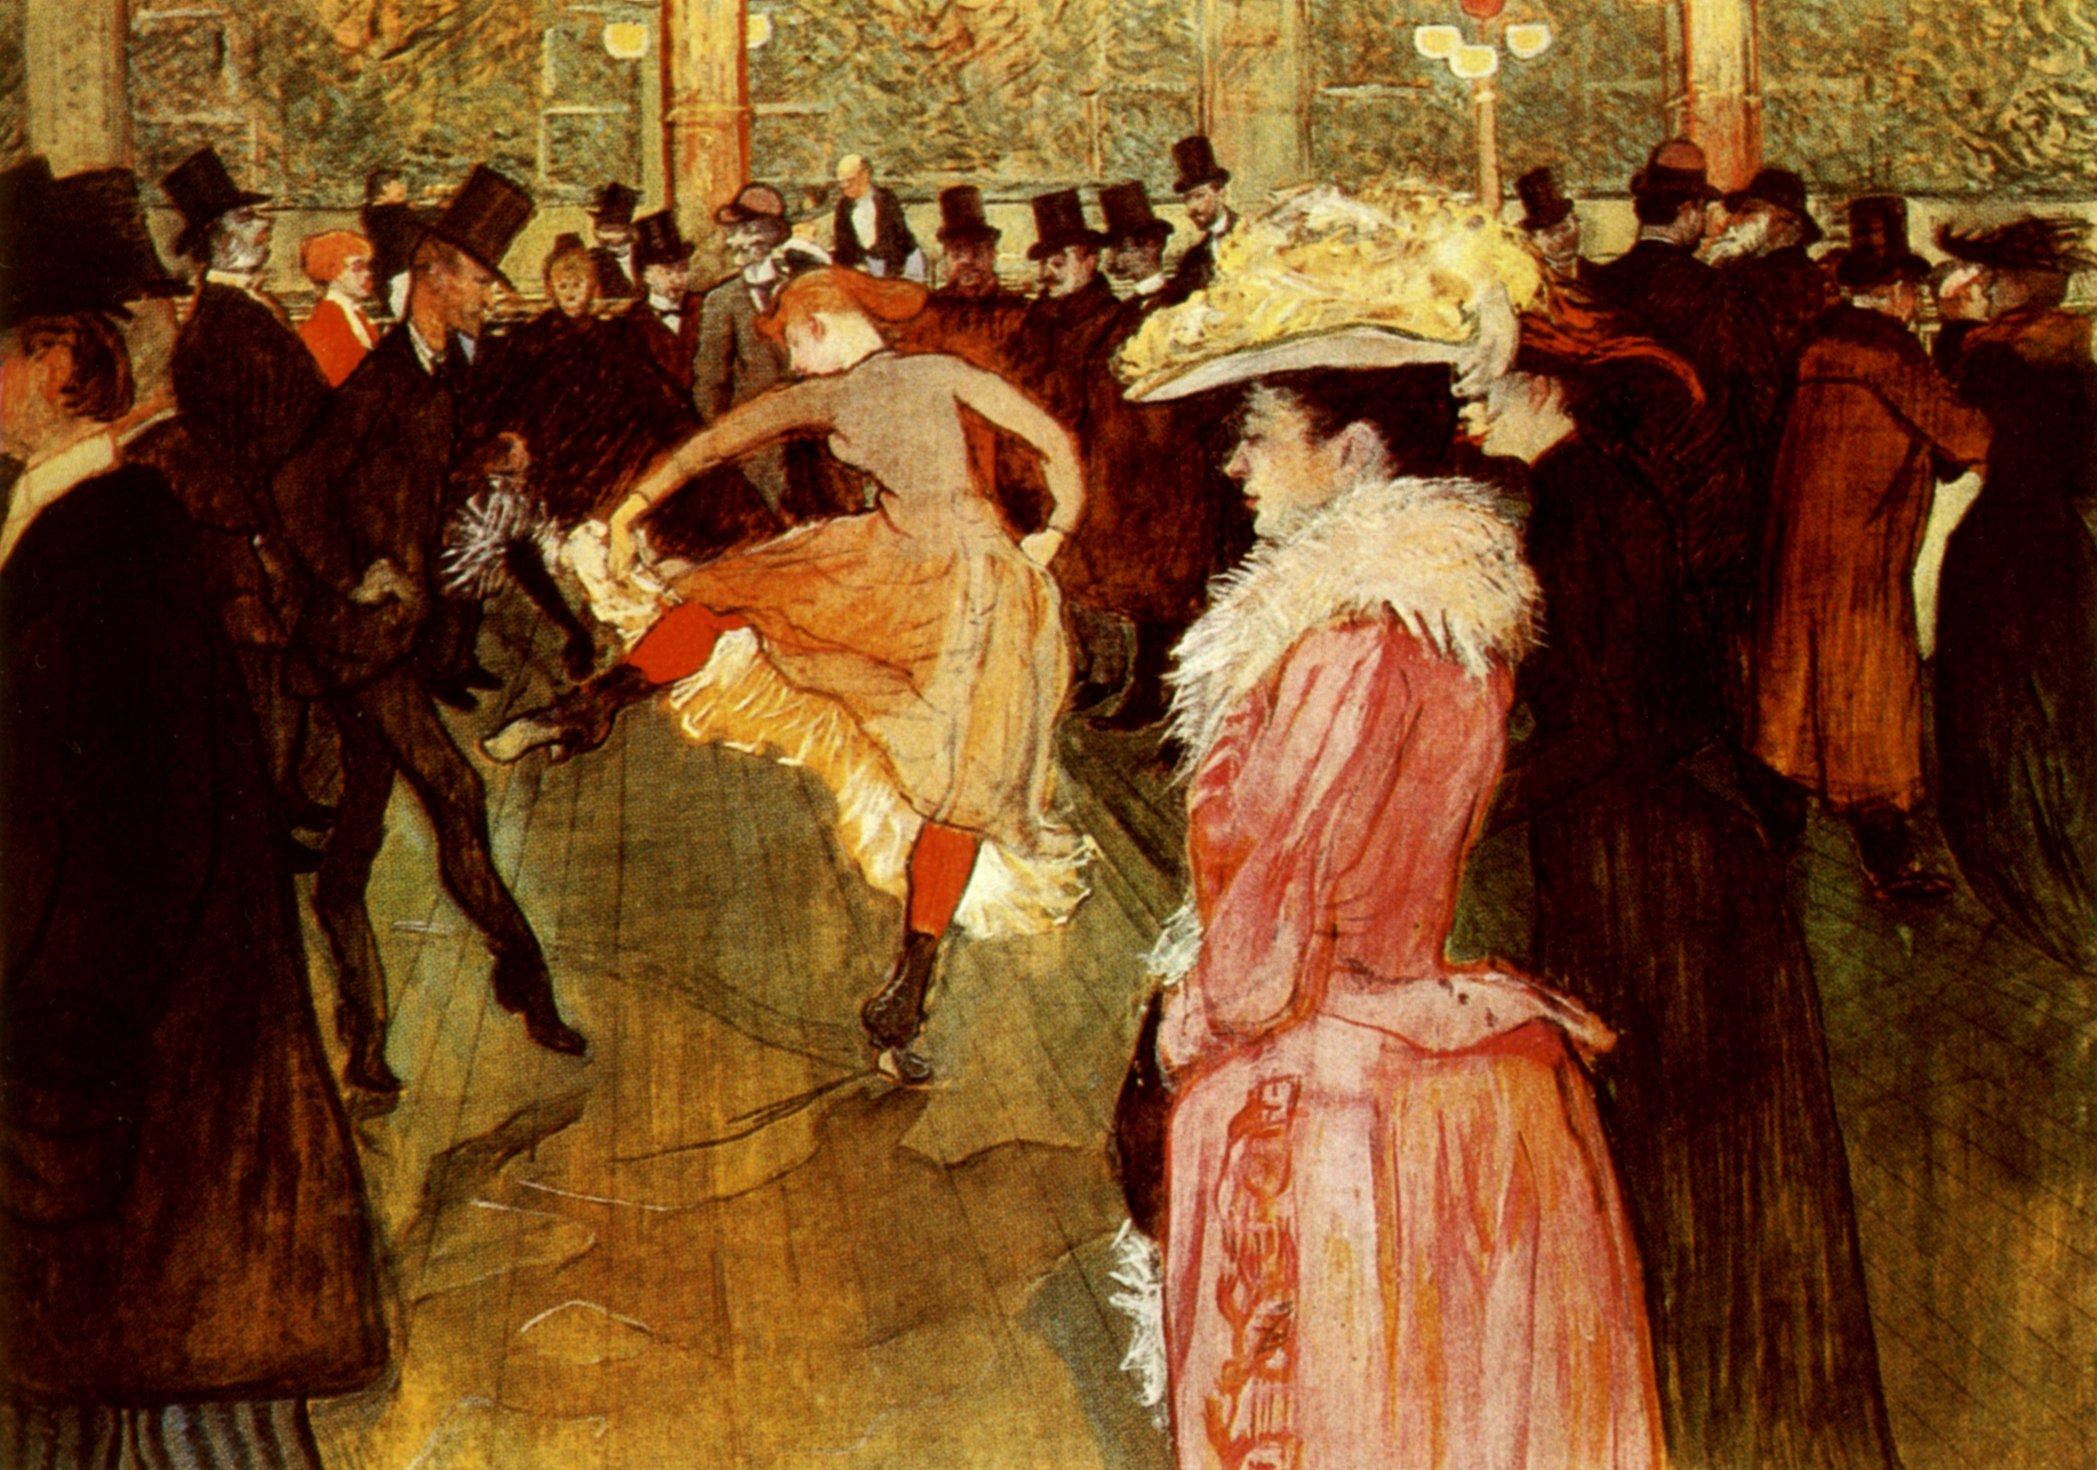 La Danse au Moulin-Rouge de Toulouse-Lautrec